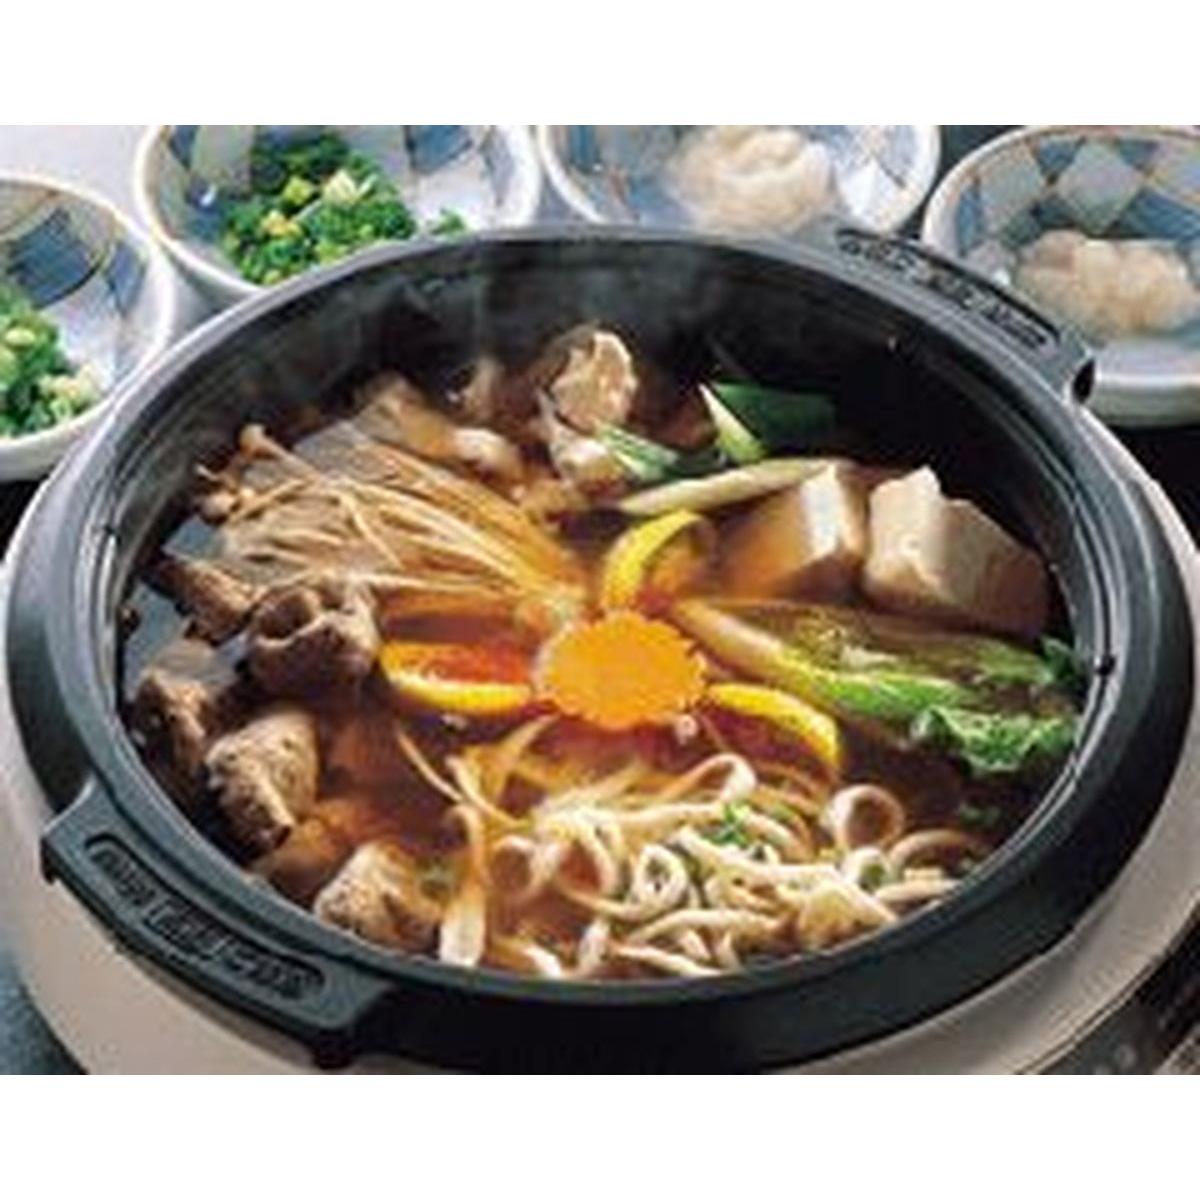 食譜:牛肉壽喜火鍋